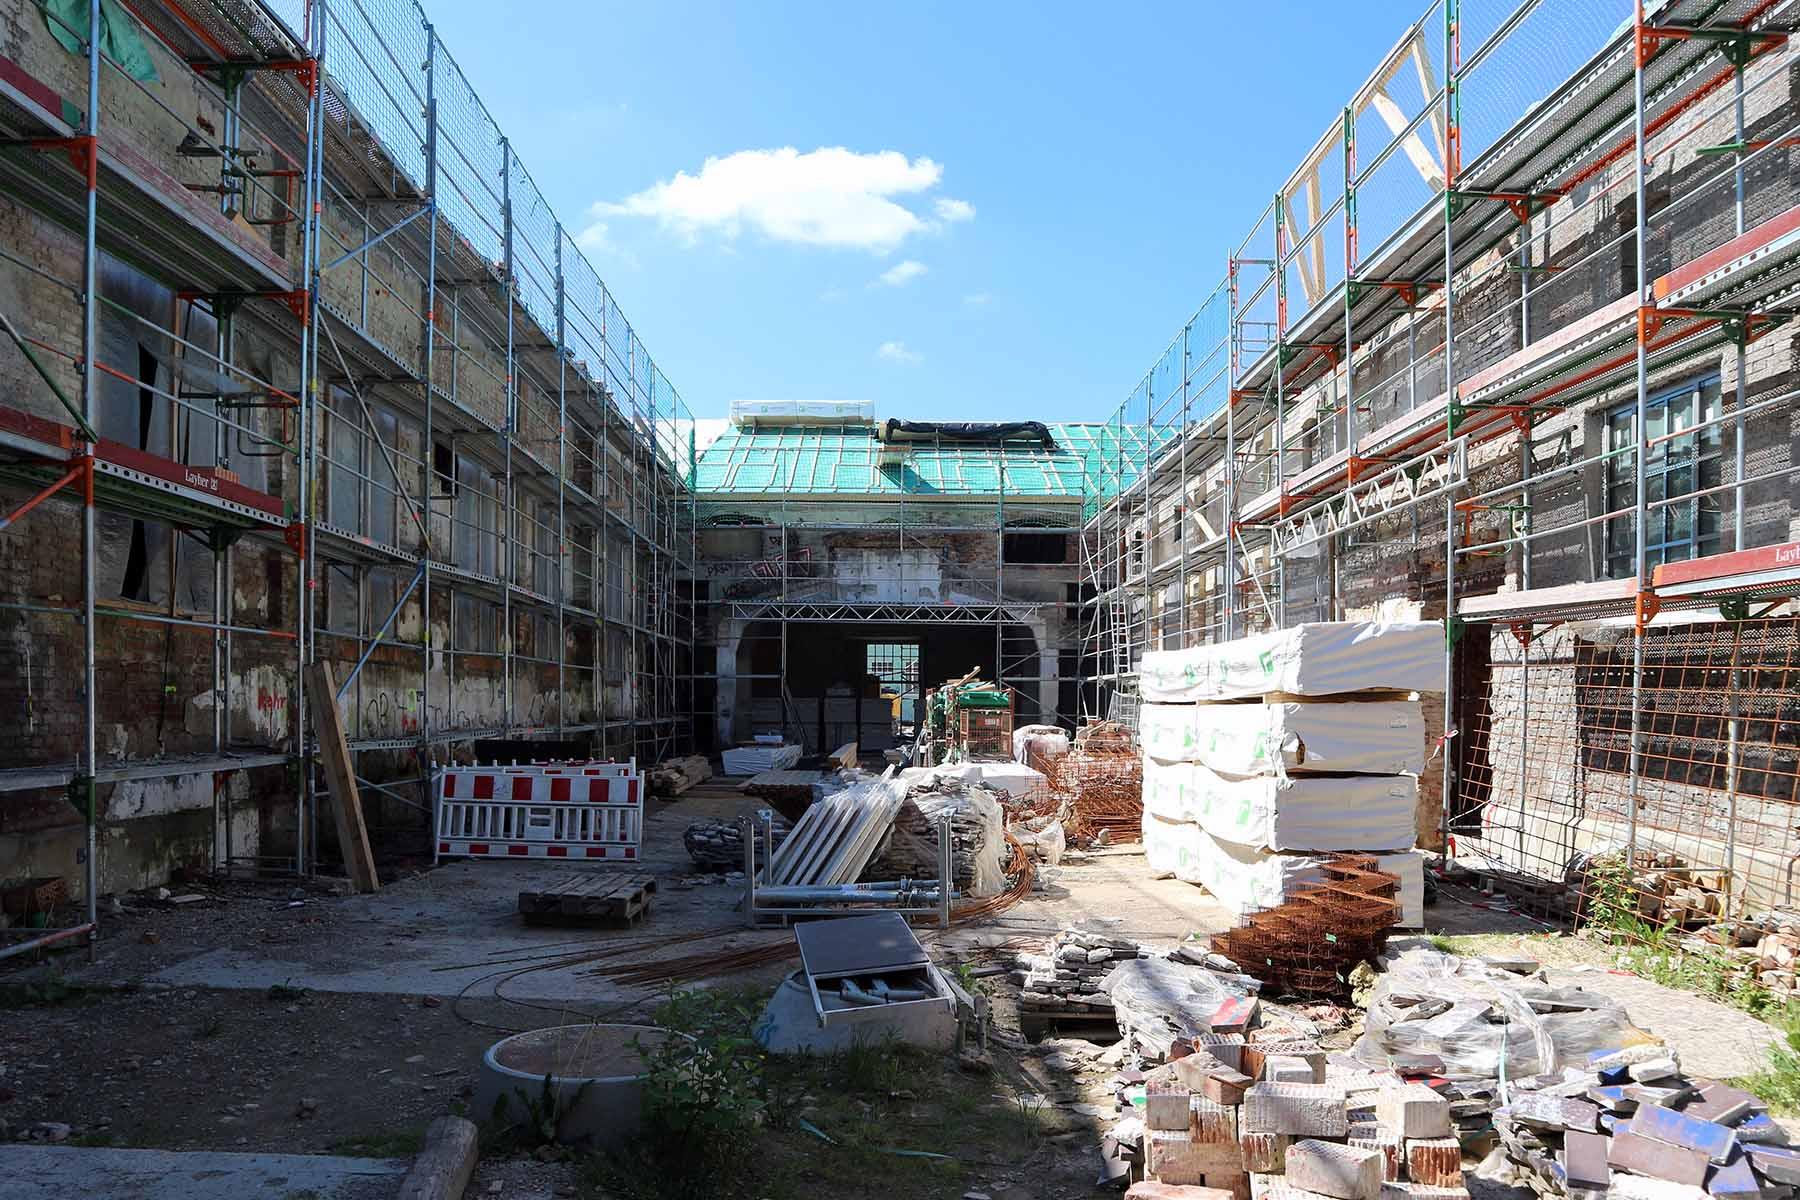 Marinaforum. Der allseitig umschlossene Hof des Forums soll zukünftiger Treffpunkt für Gäste des Hauses und die Bewohner des Quartiers werden.